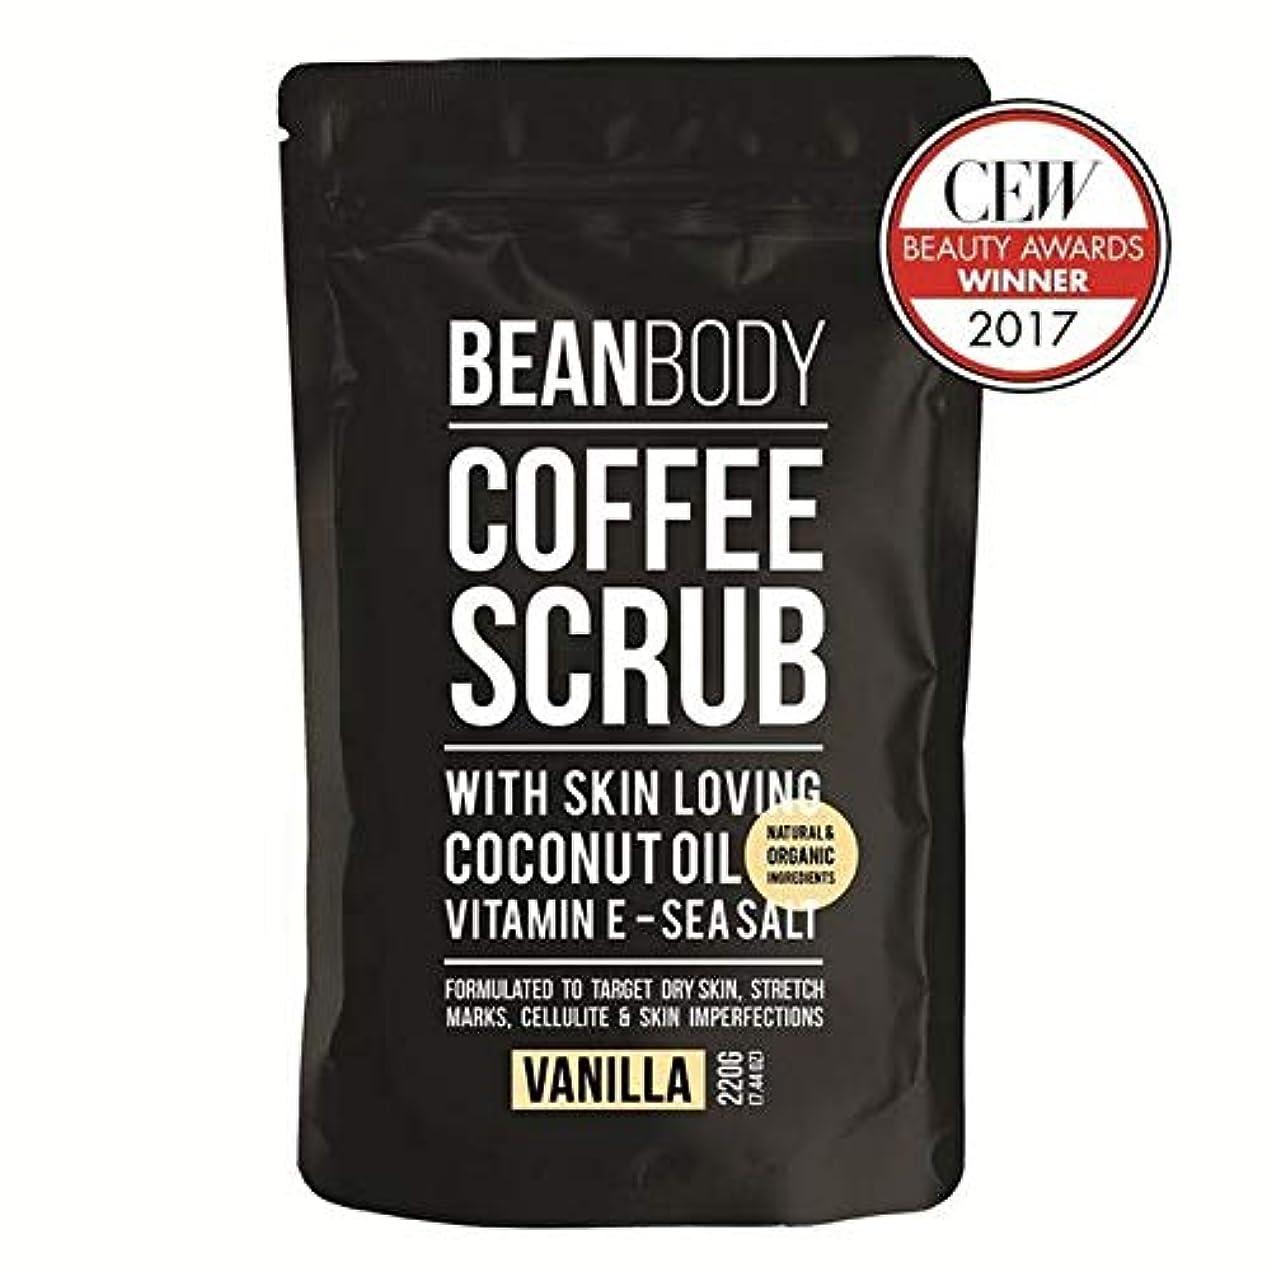 気球賢明な十分ではない[Bean Body ] 豆のボディスクラブコーヒー、バニラ220グラム - Bean Body Coffee Scrub, Vanilla 220g [並行輸入品]